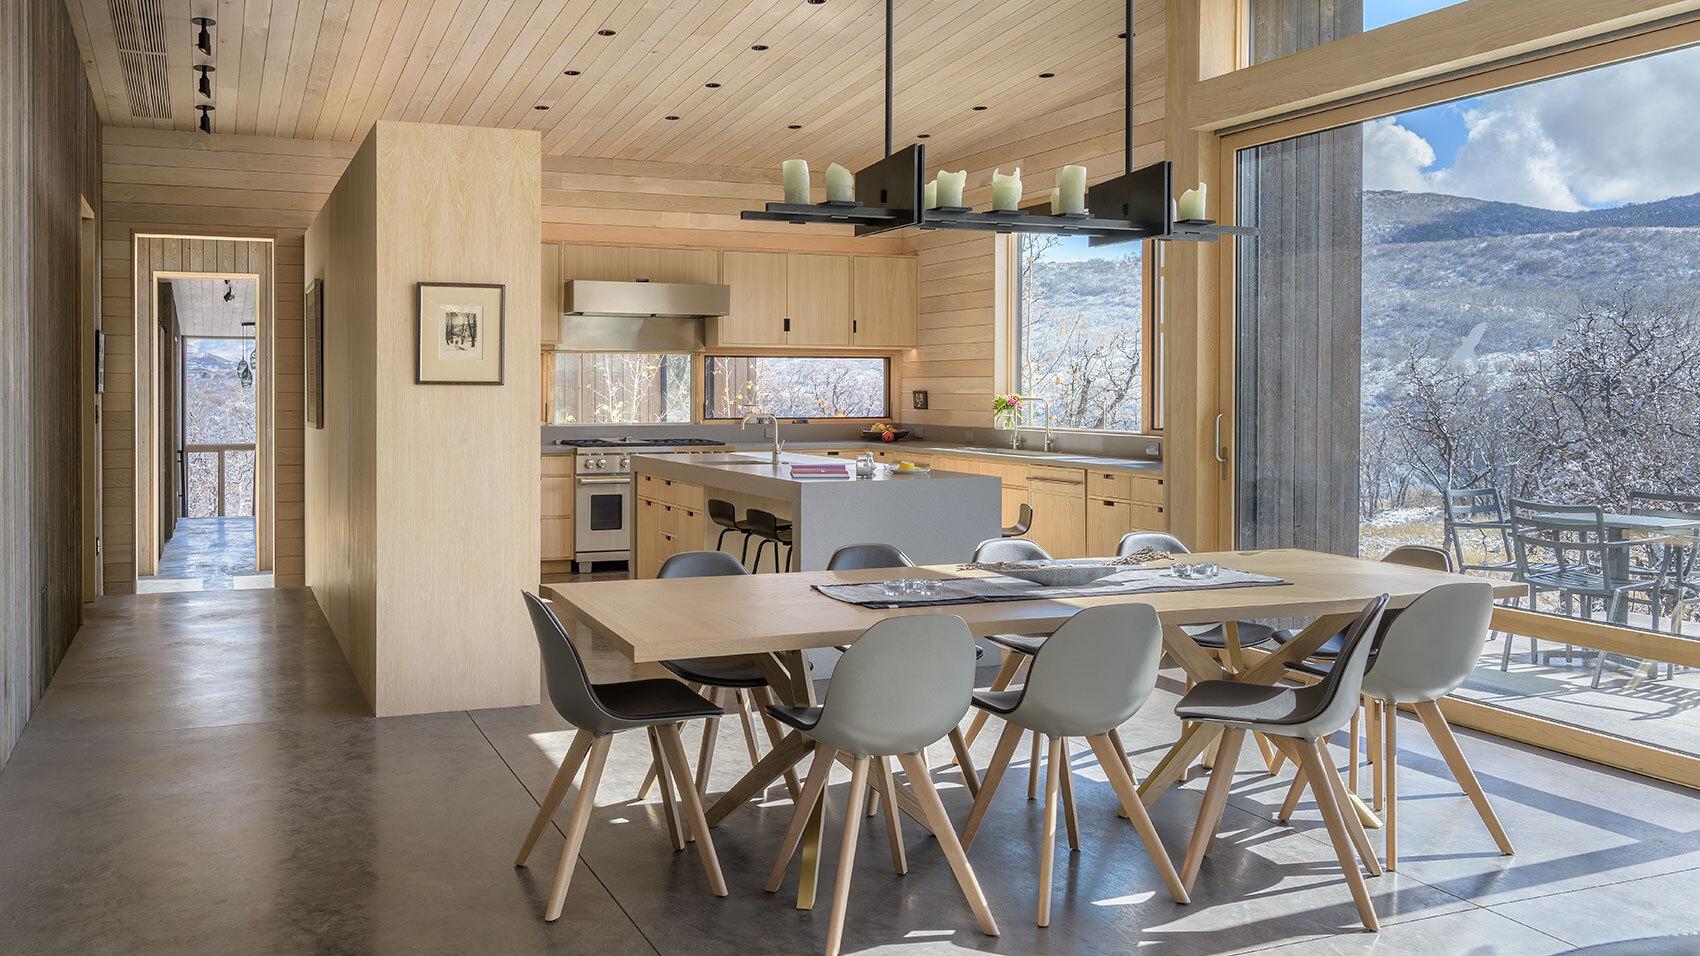 CCY Architects Gammel Damm interior